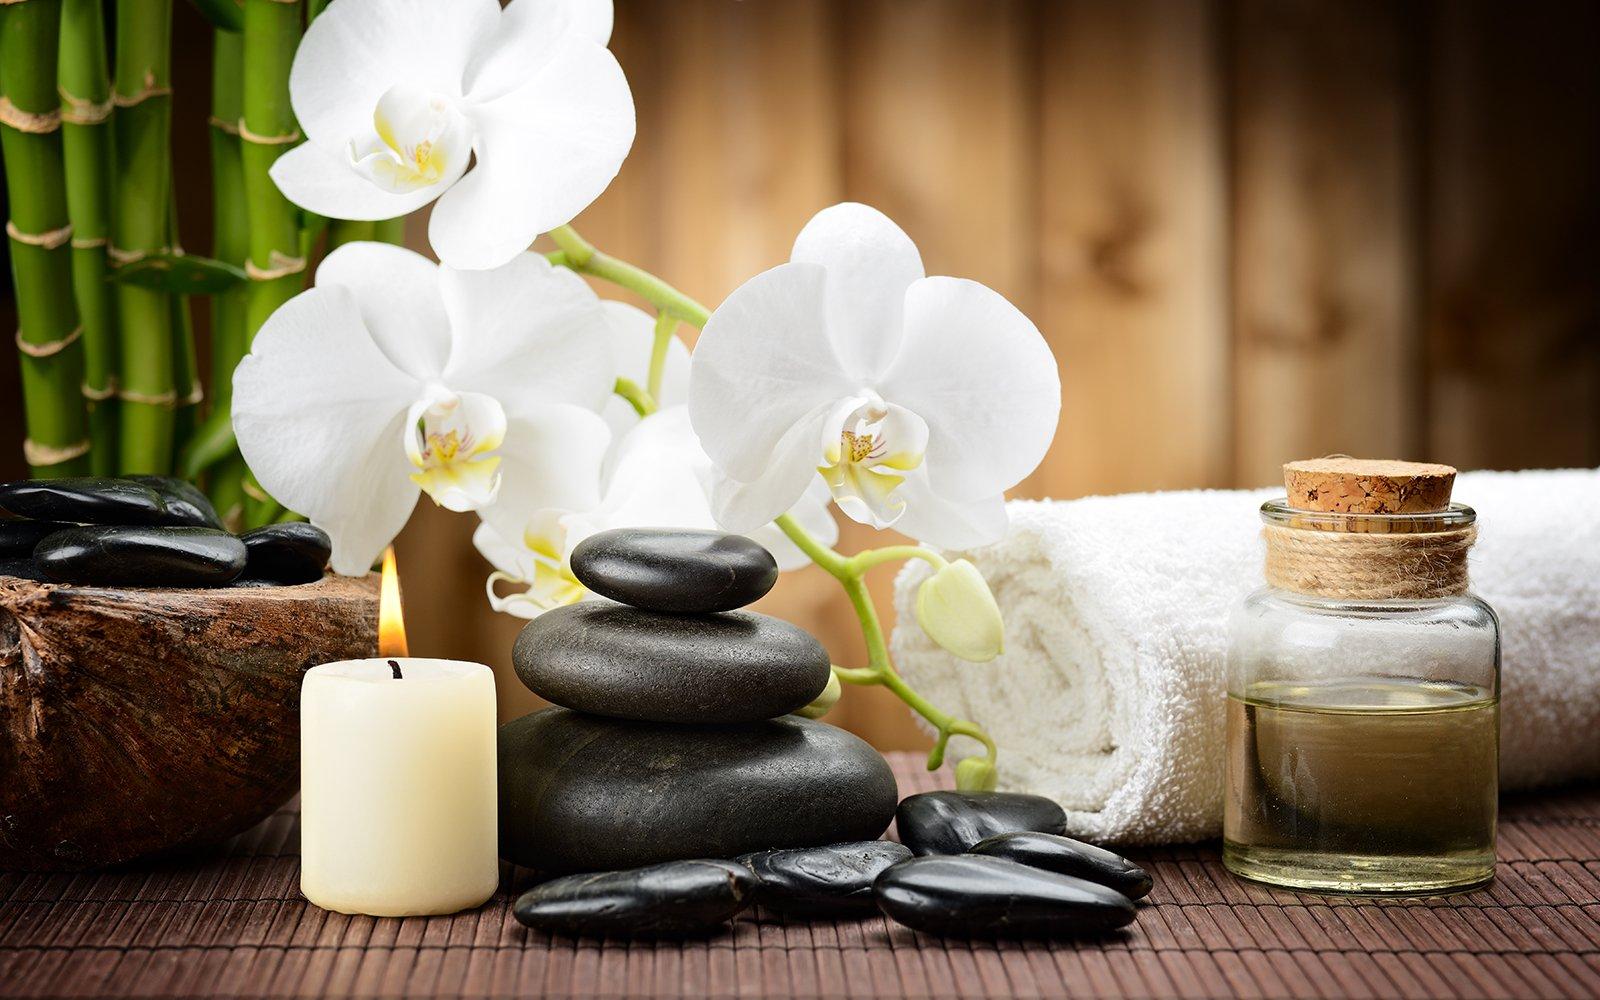 dei fiori bianchi, pietre,olii e candele